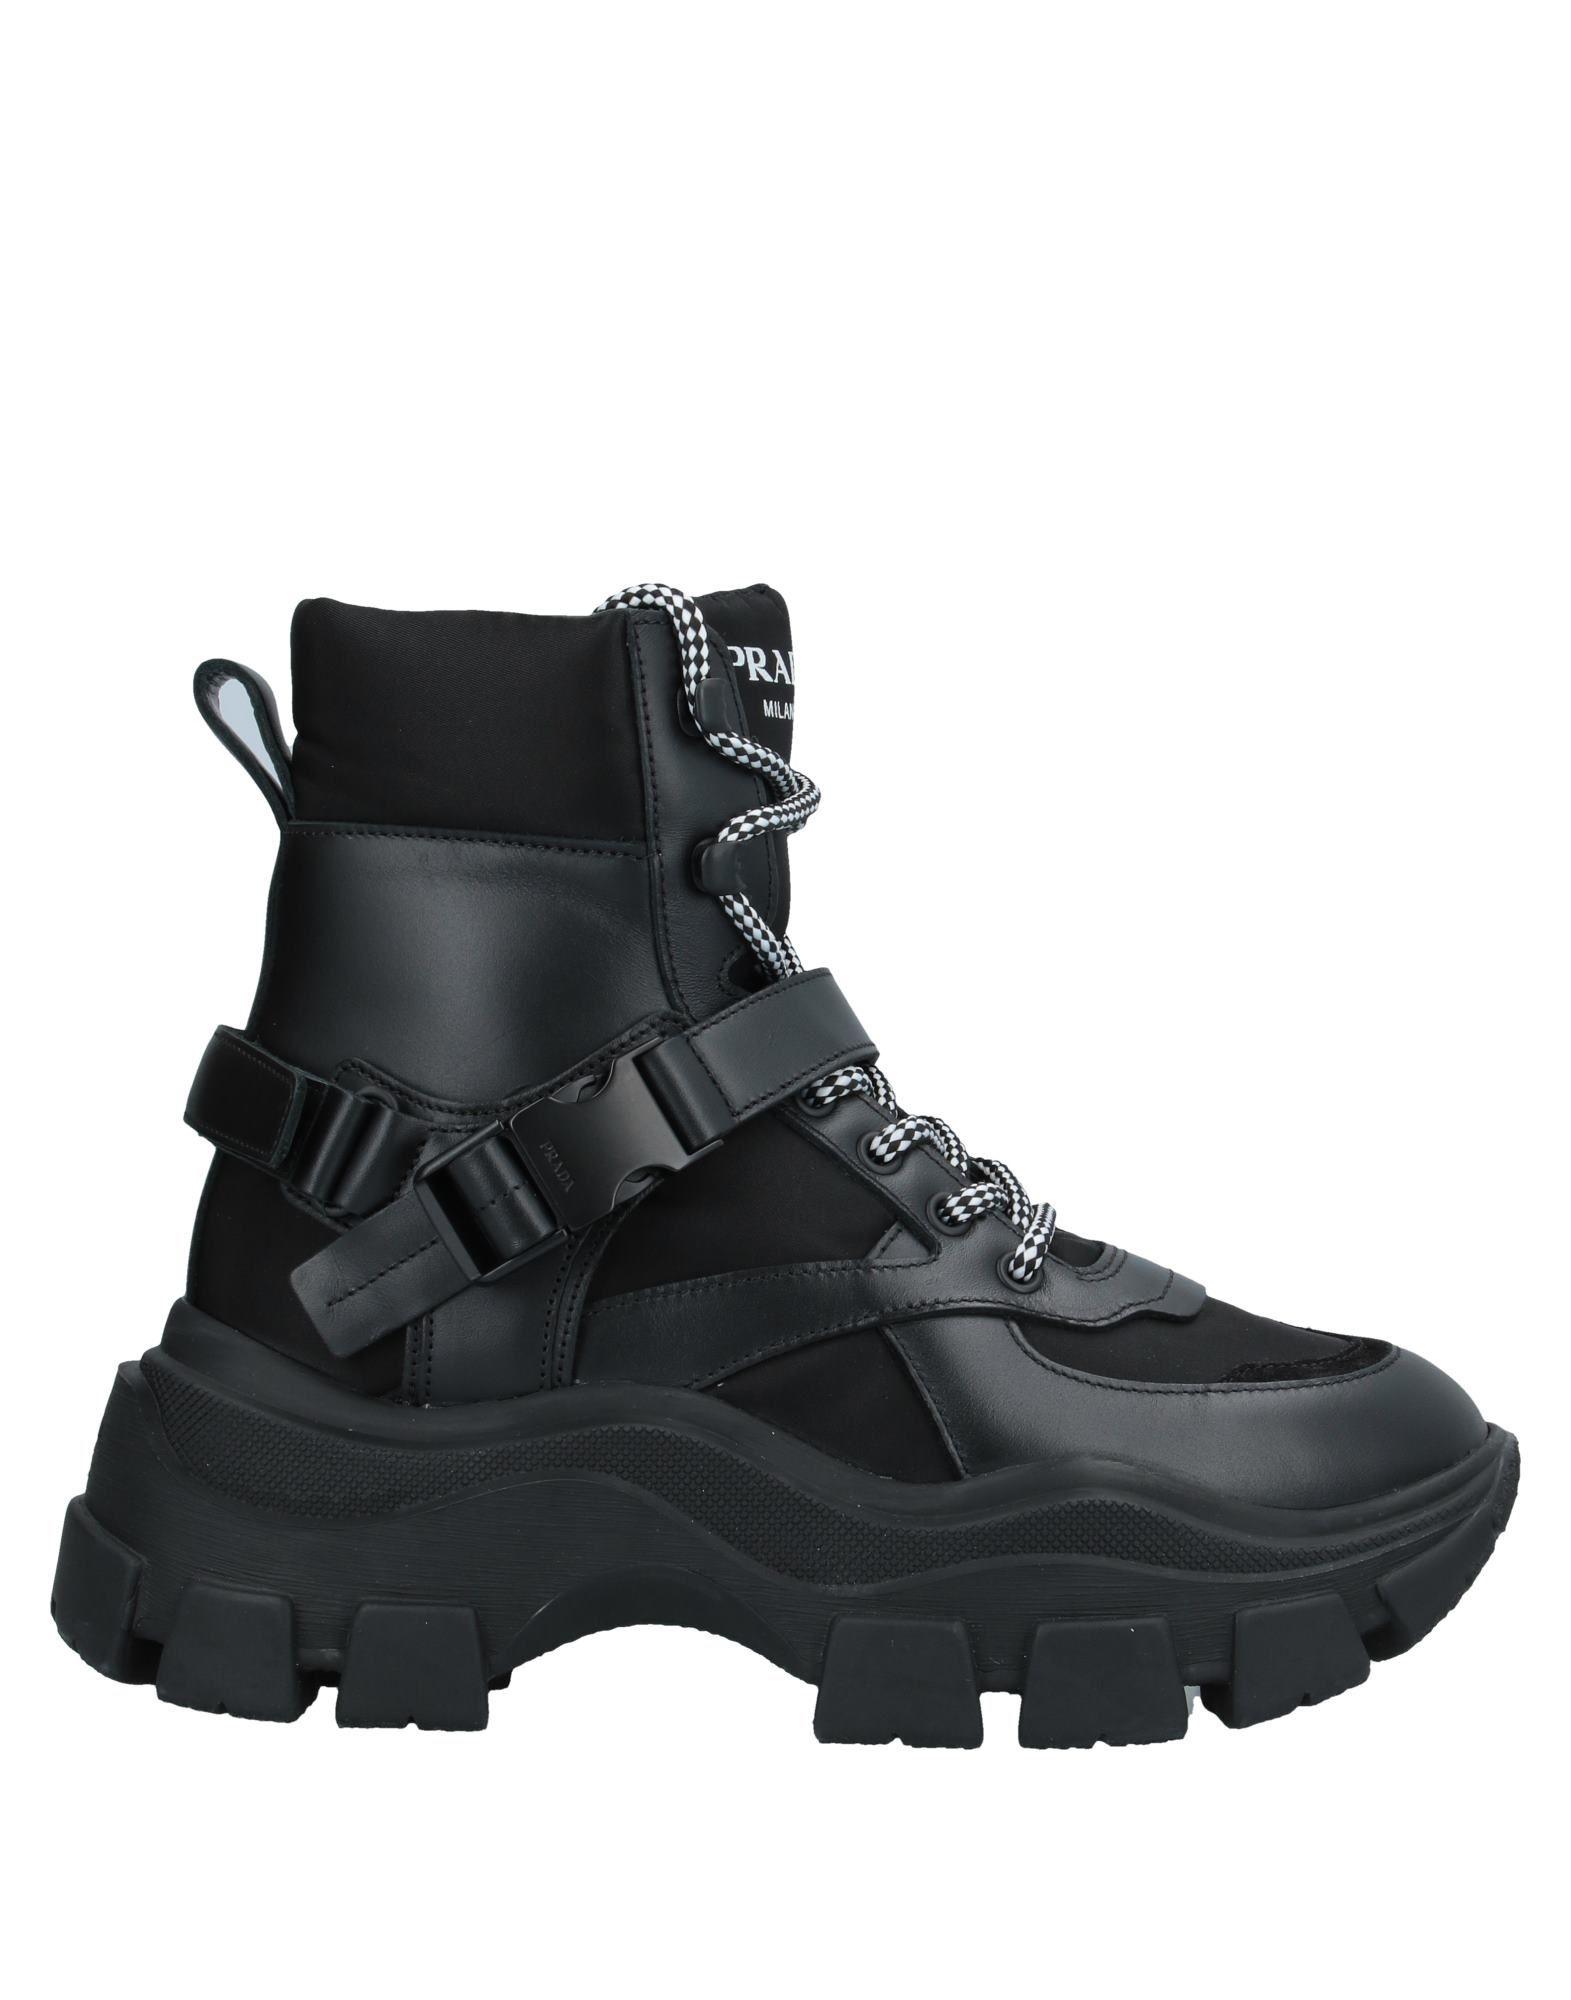 PRADA High-tops & sneakers - Item 11892493